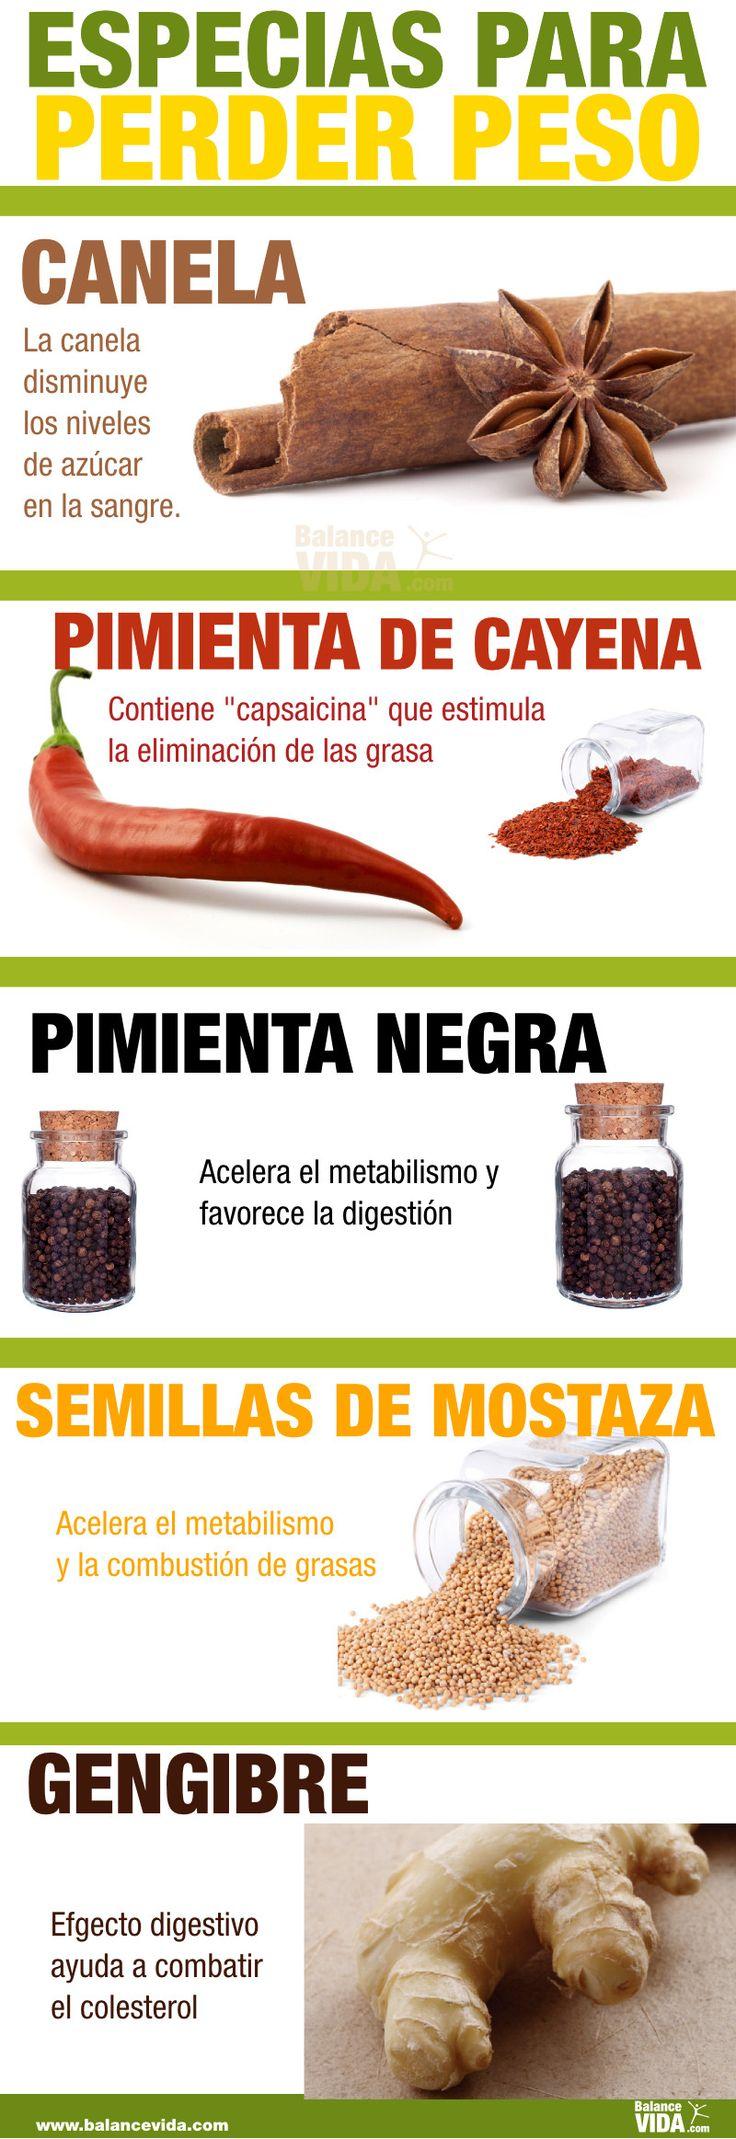 #especias que te ayudan a #perderpeso